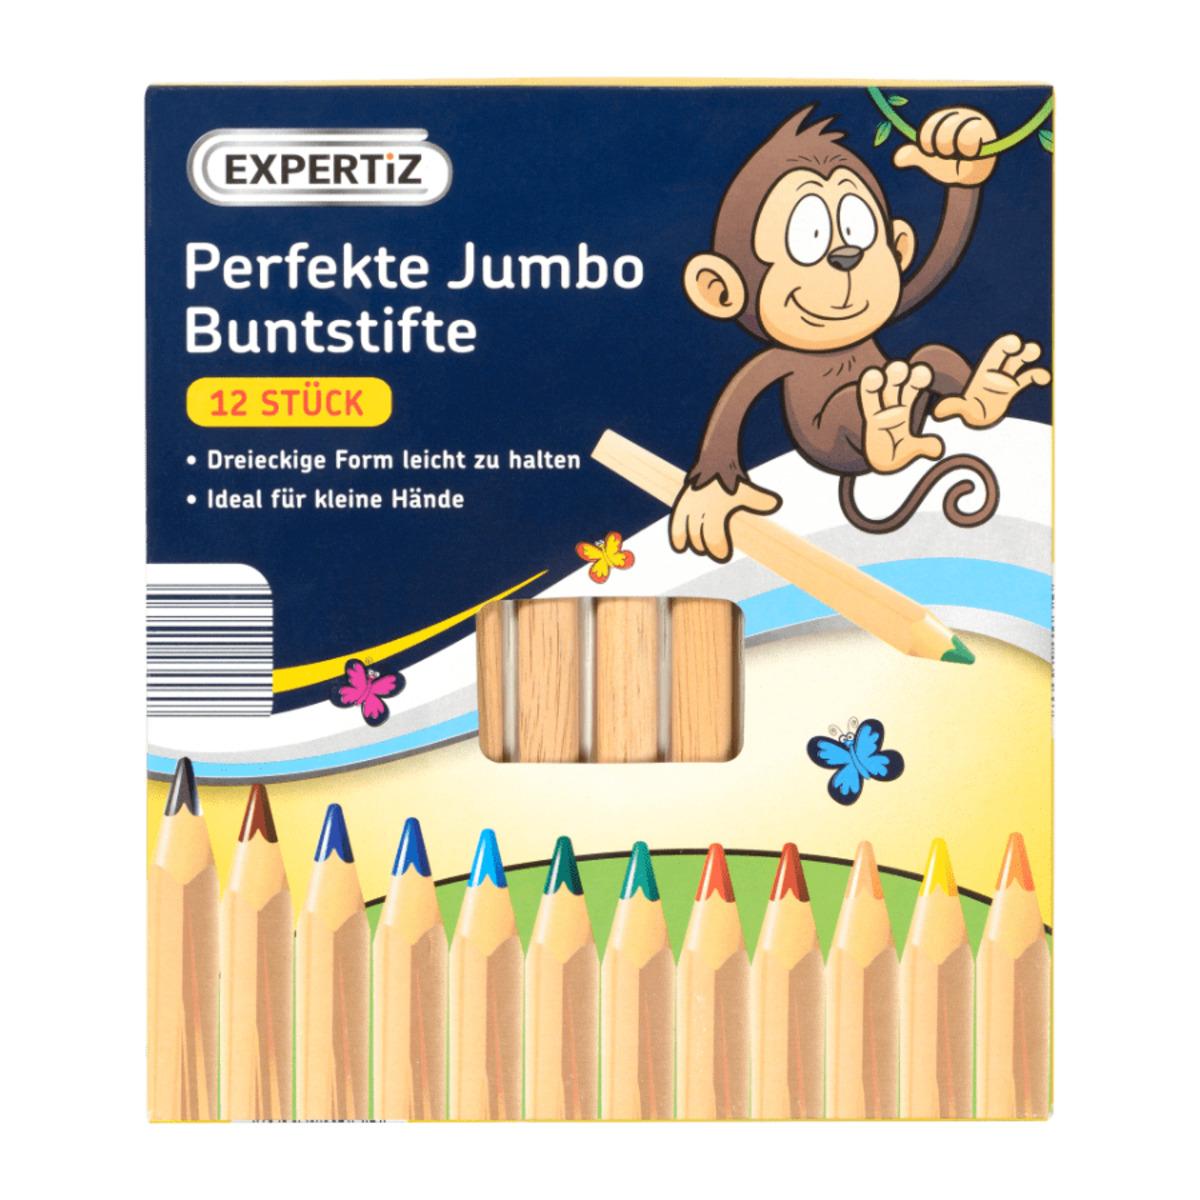 Bild 1 von EXPERTIZ     Perfekte Jumbo Buntstifte